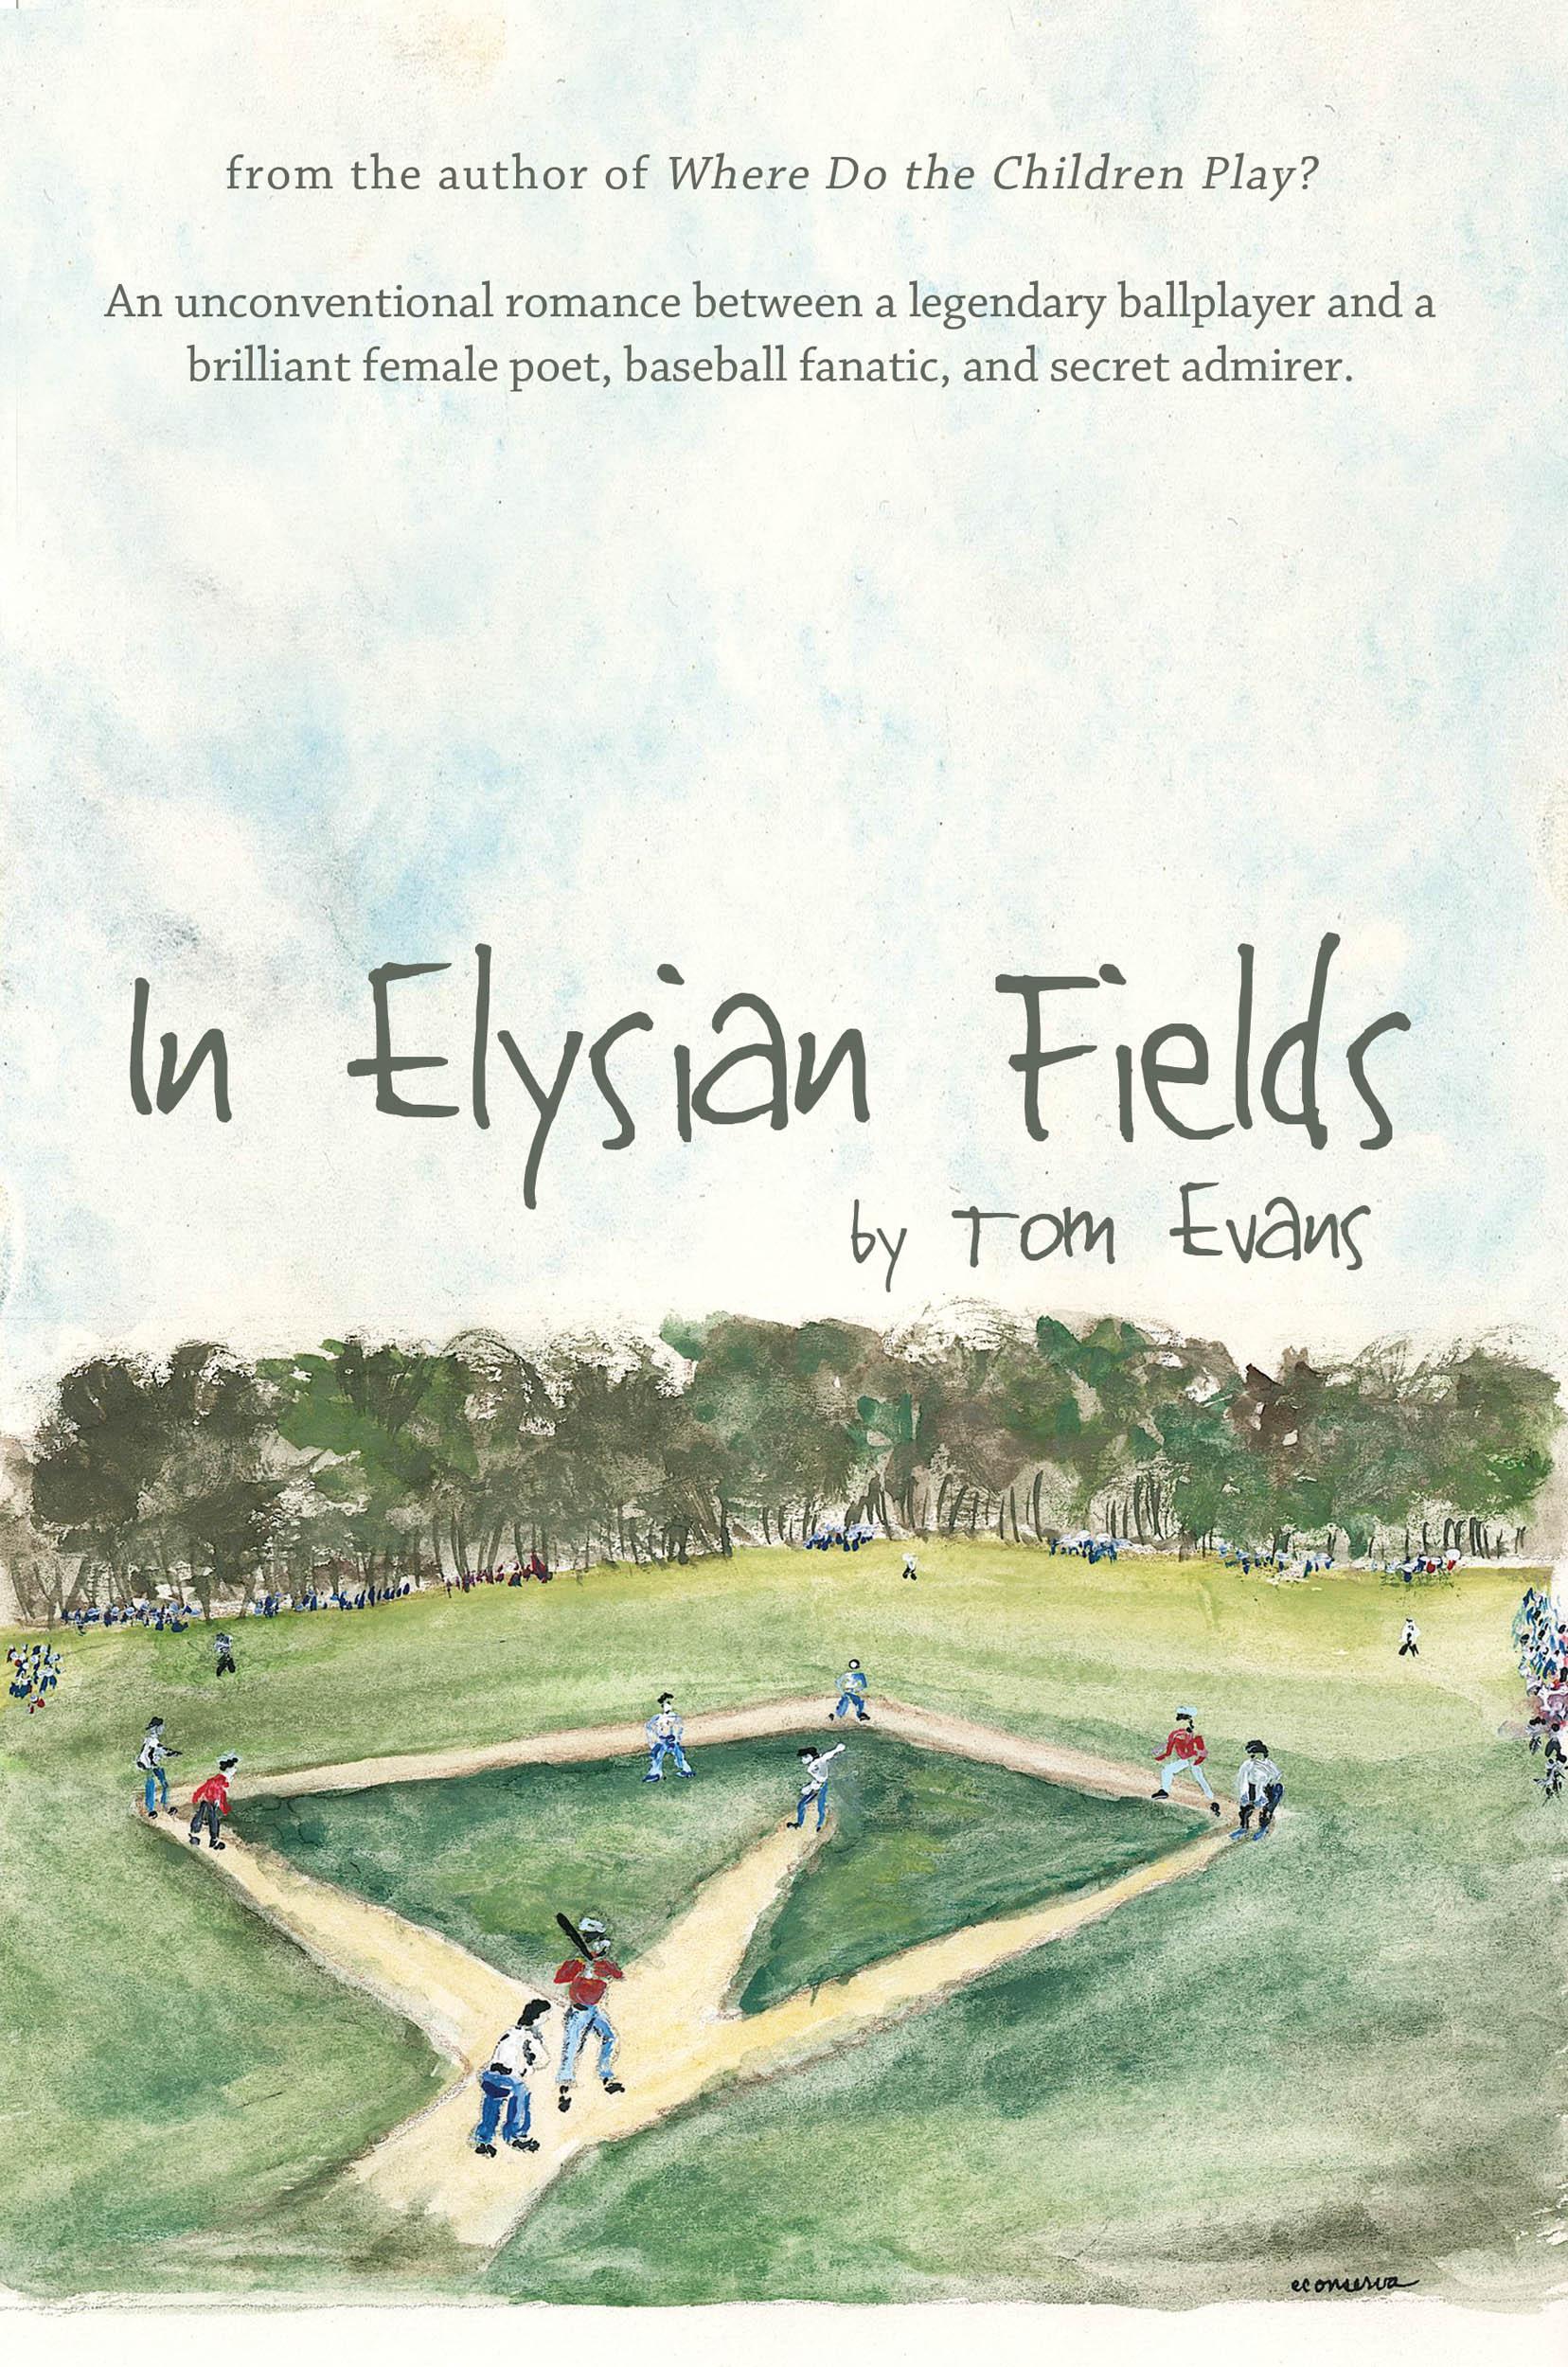 In Elysian Fields eimage.jpg